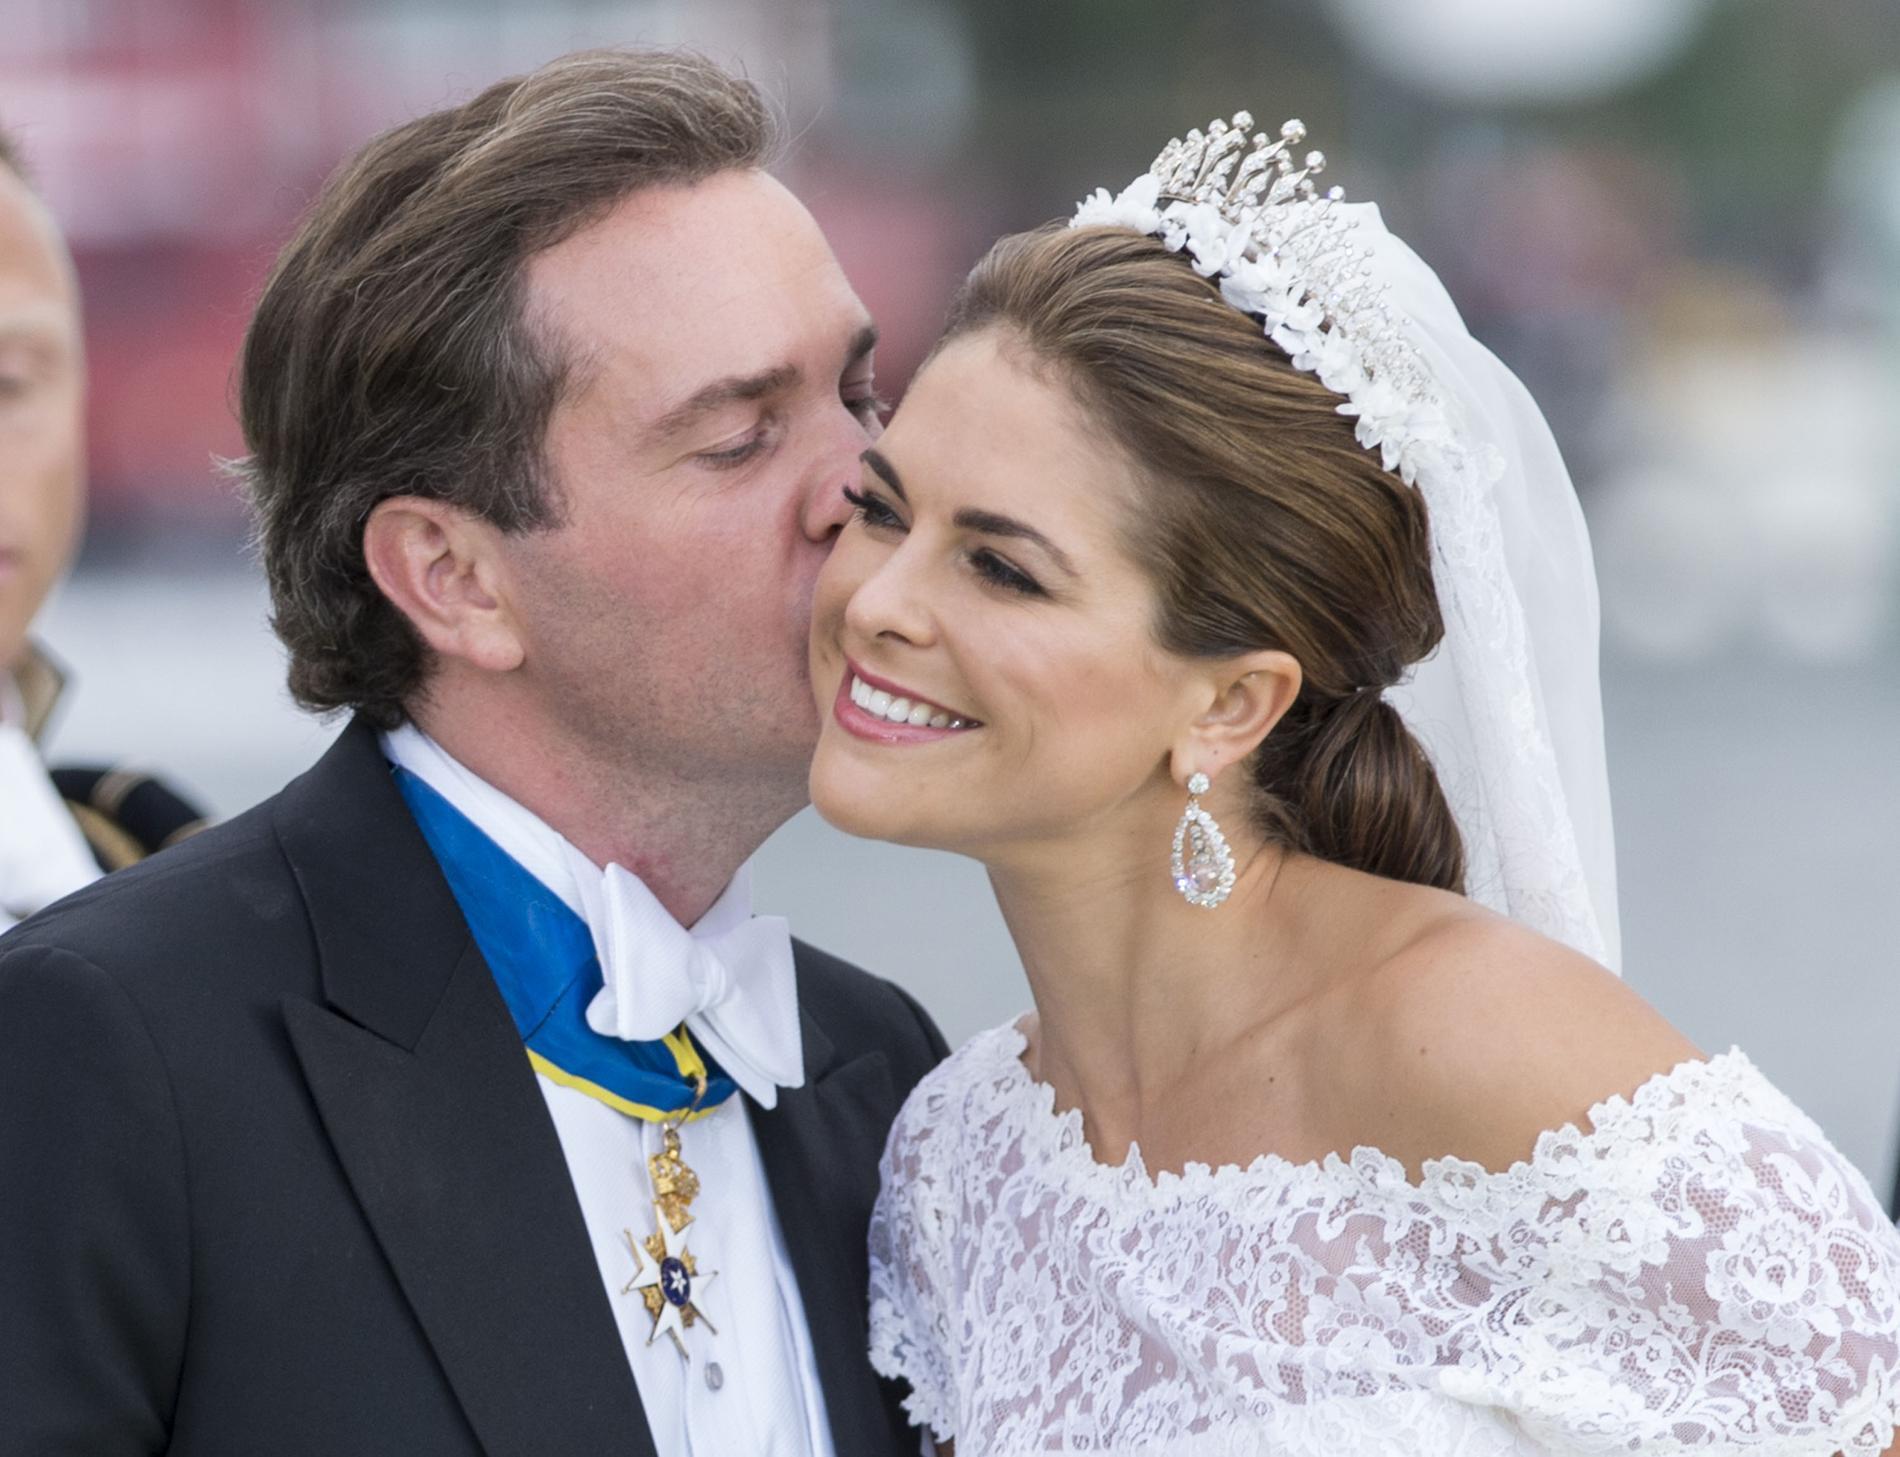 Les Plus Belles Coiffures De Mariage Des Stars Madame Figaro